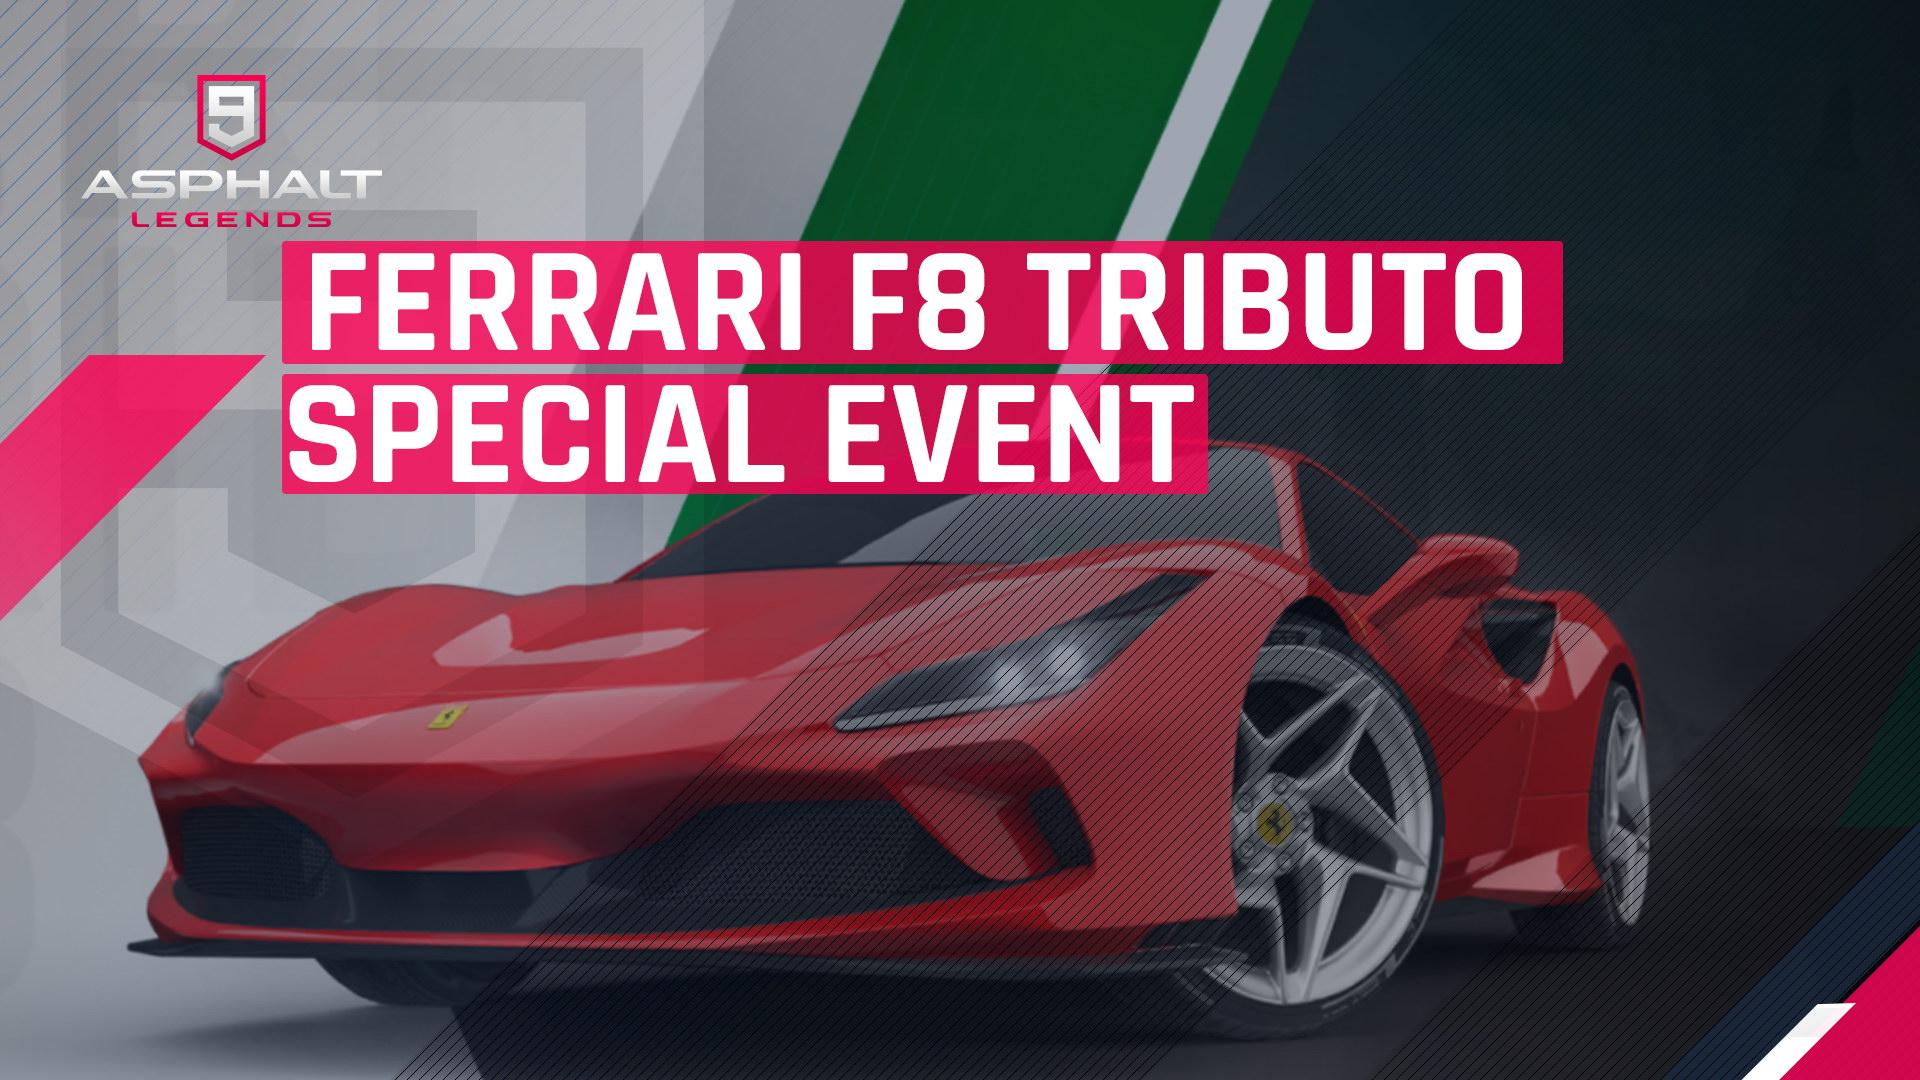 Asphalte 9 Ferrari Événement spécial F8 Tributo